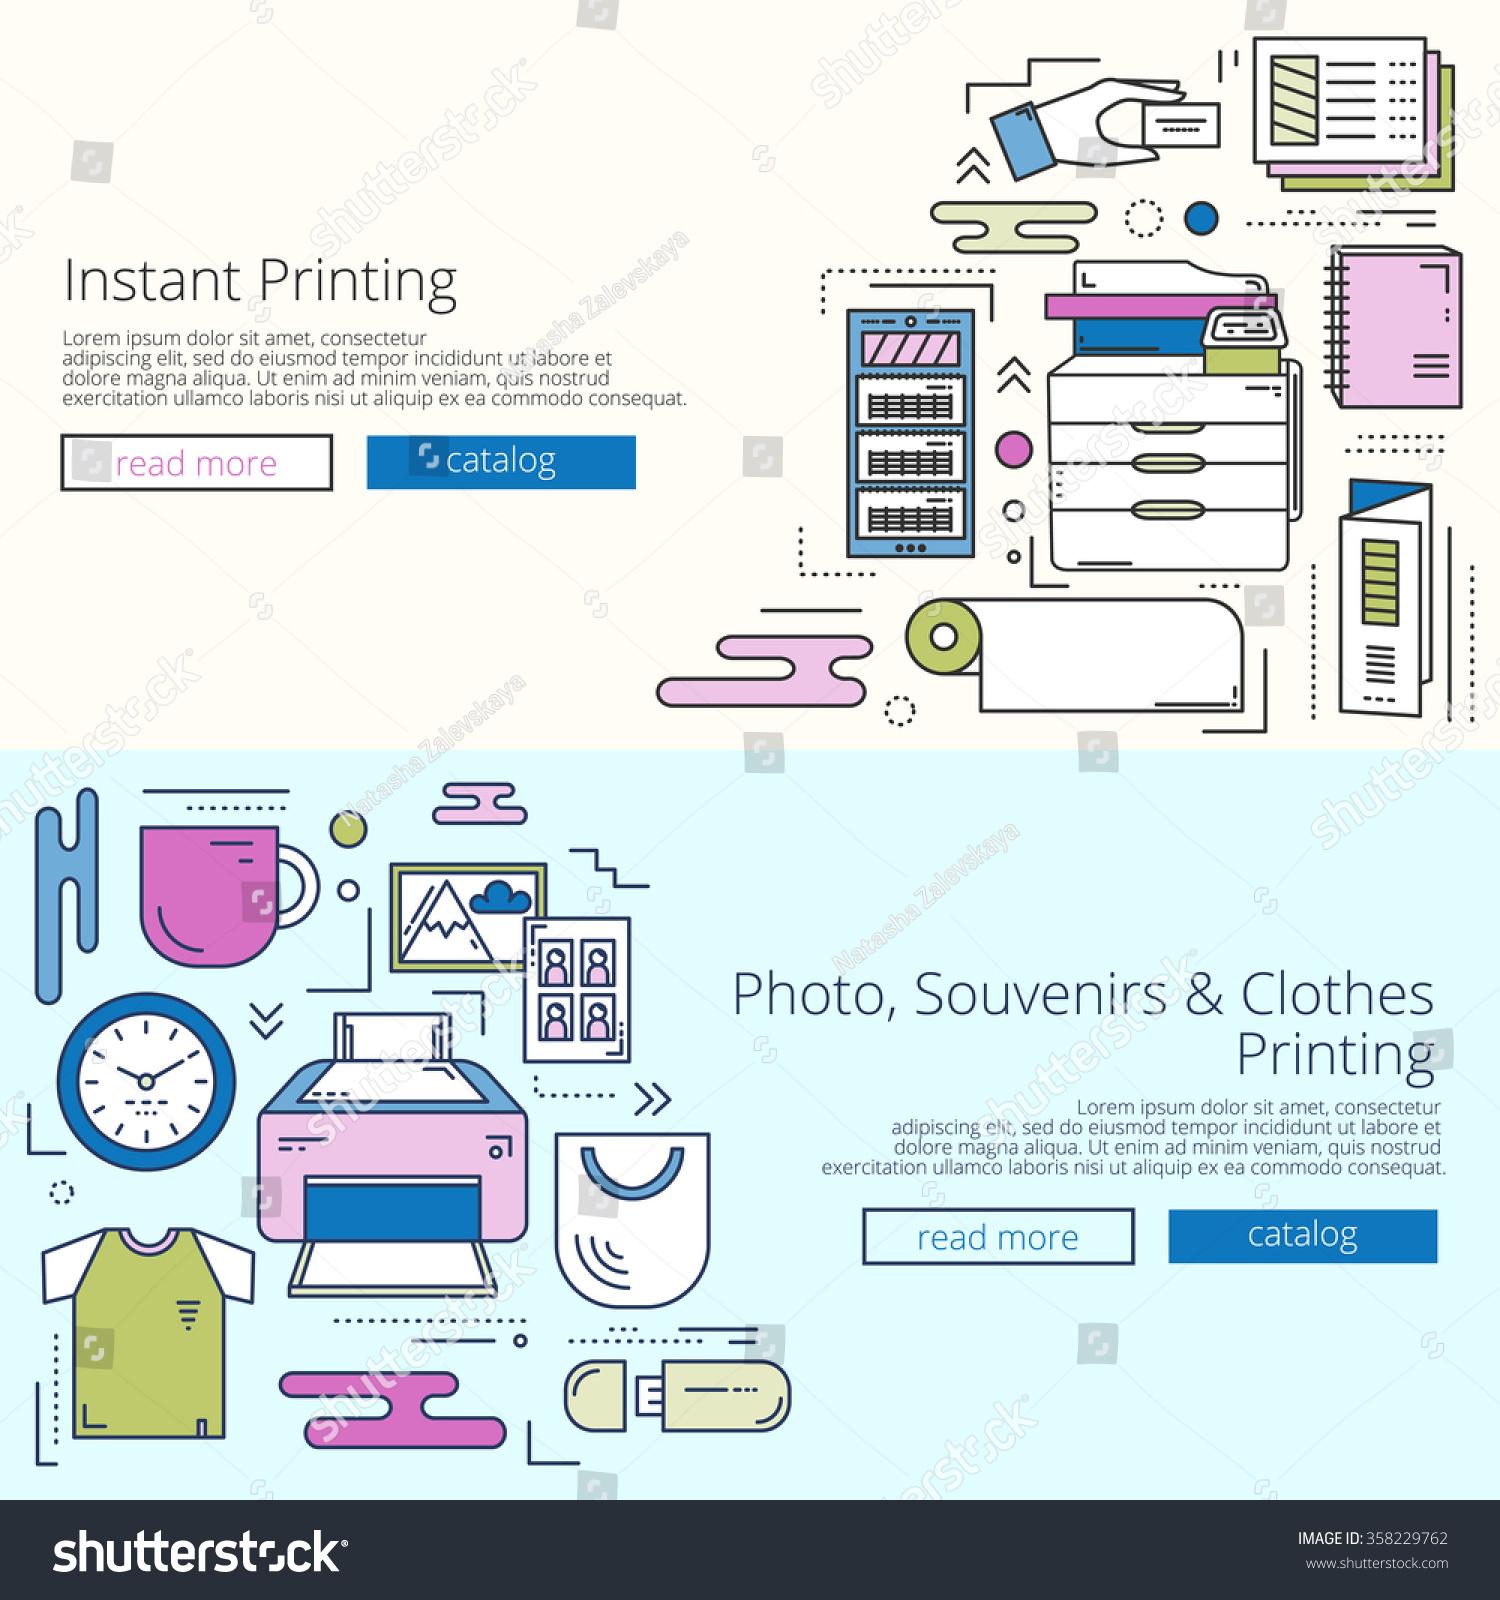 bright web templates set for print shop site linear concept